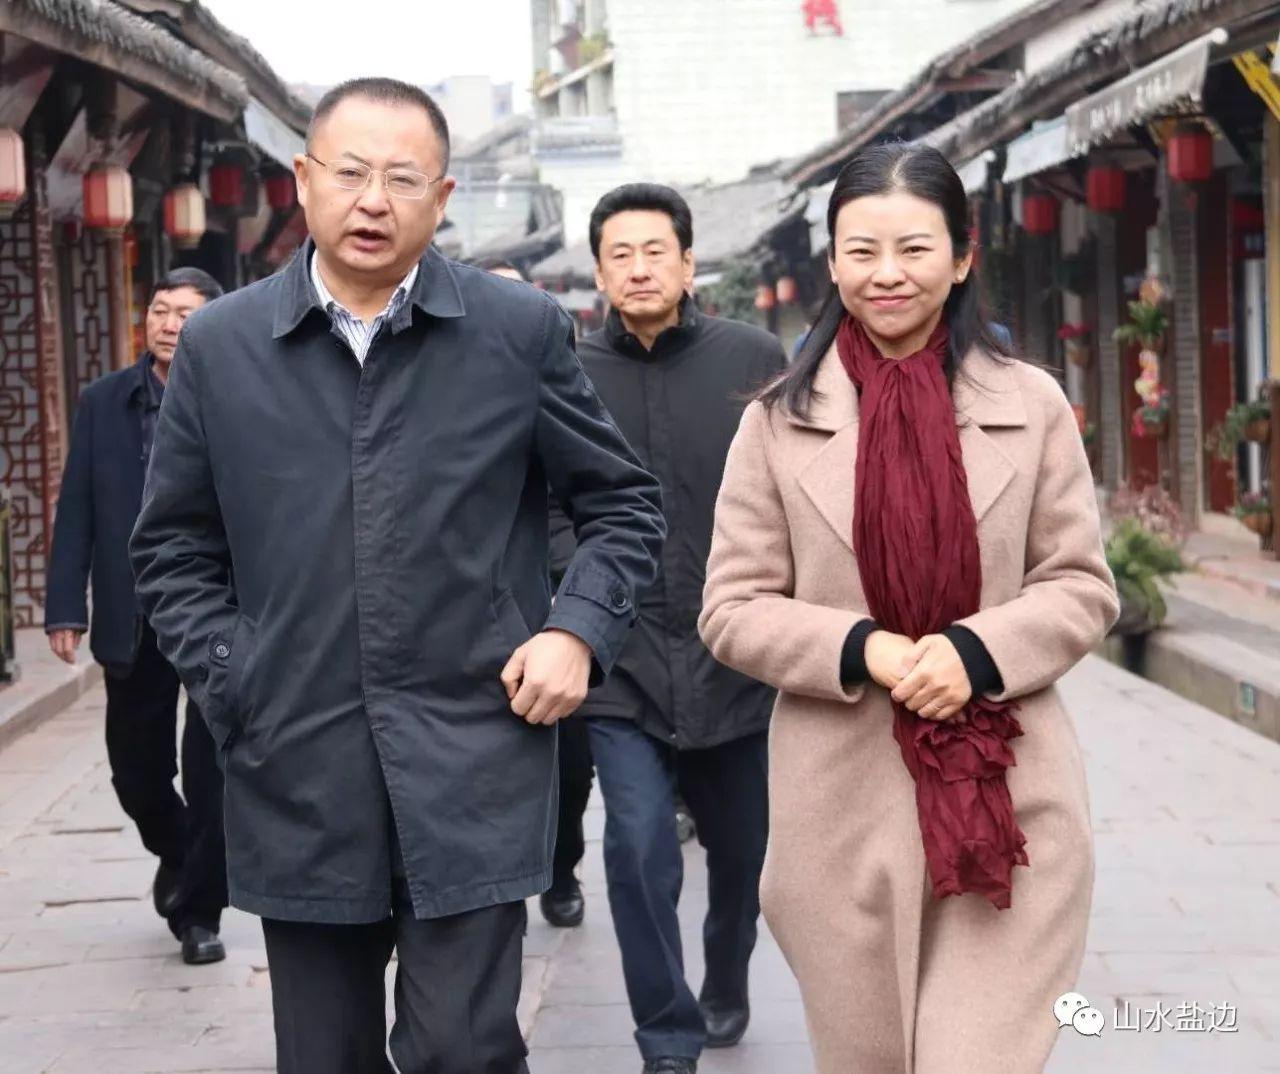 盐边县与成都市龙泉驿区 联姻 ,将在产业投资等多领域开展深度合作